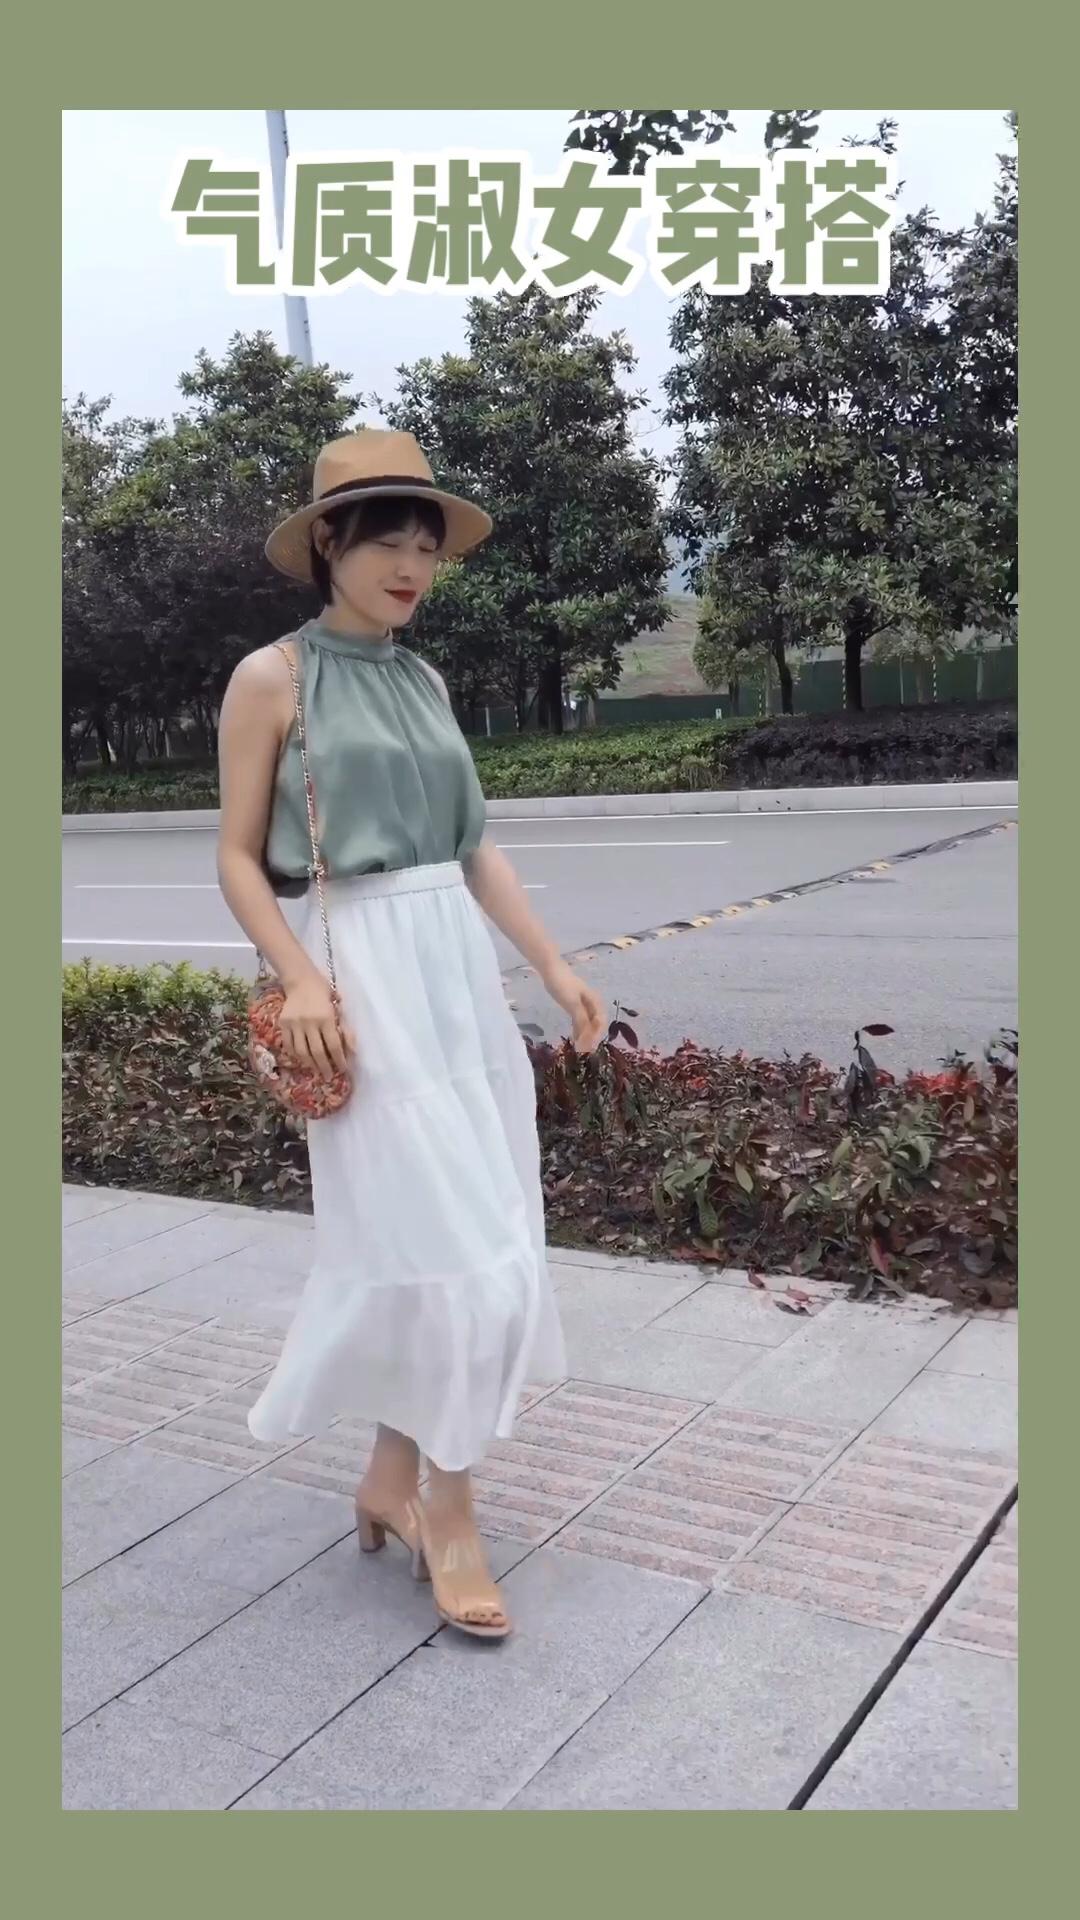 挂脖上衣敲显气质,抹茶色显白又适合夏天,搭配白色长裙,非常温柔气质呢! #高温预警!清凉套装不穿不行#